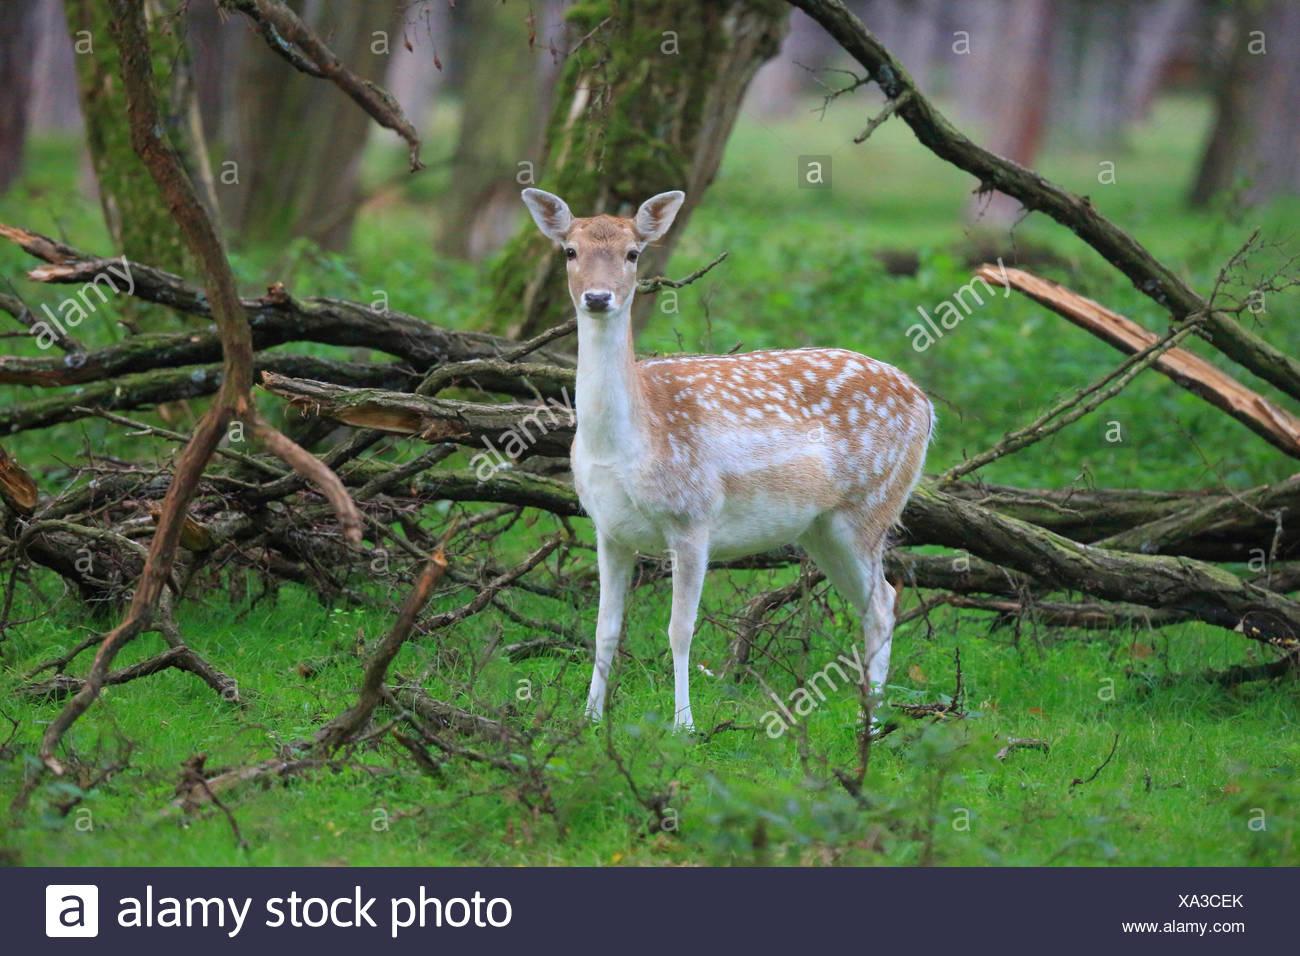 El gamo (Dama dama, Cervus dama), hembra en una pradera en el borde de bosque, Alemania Foto de stock